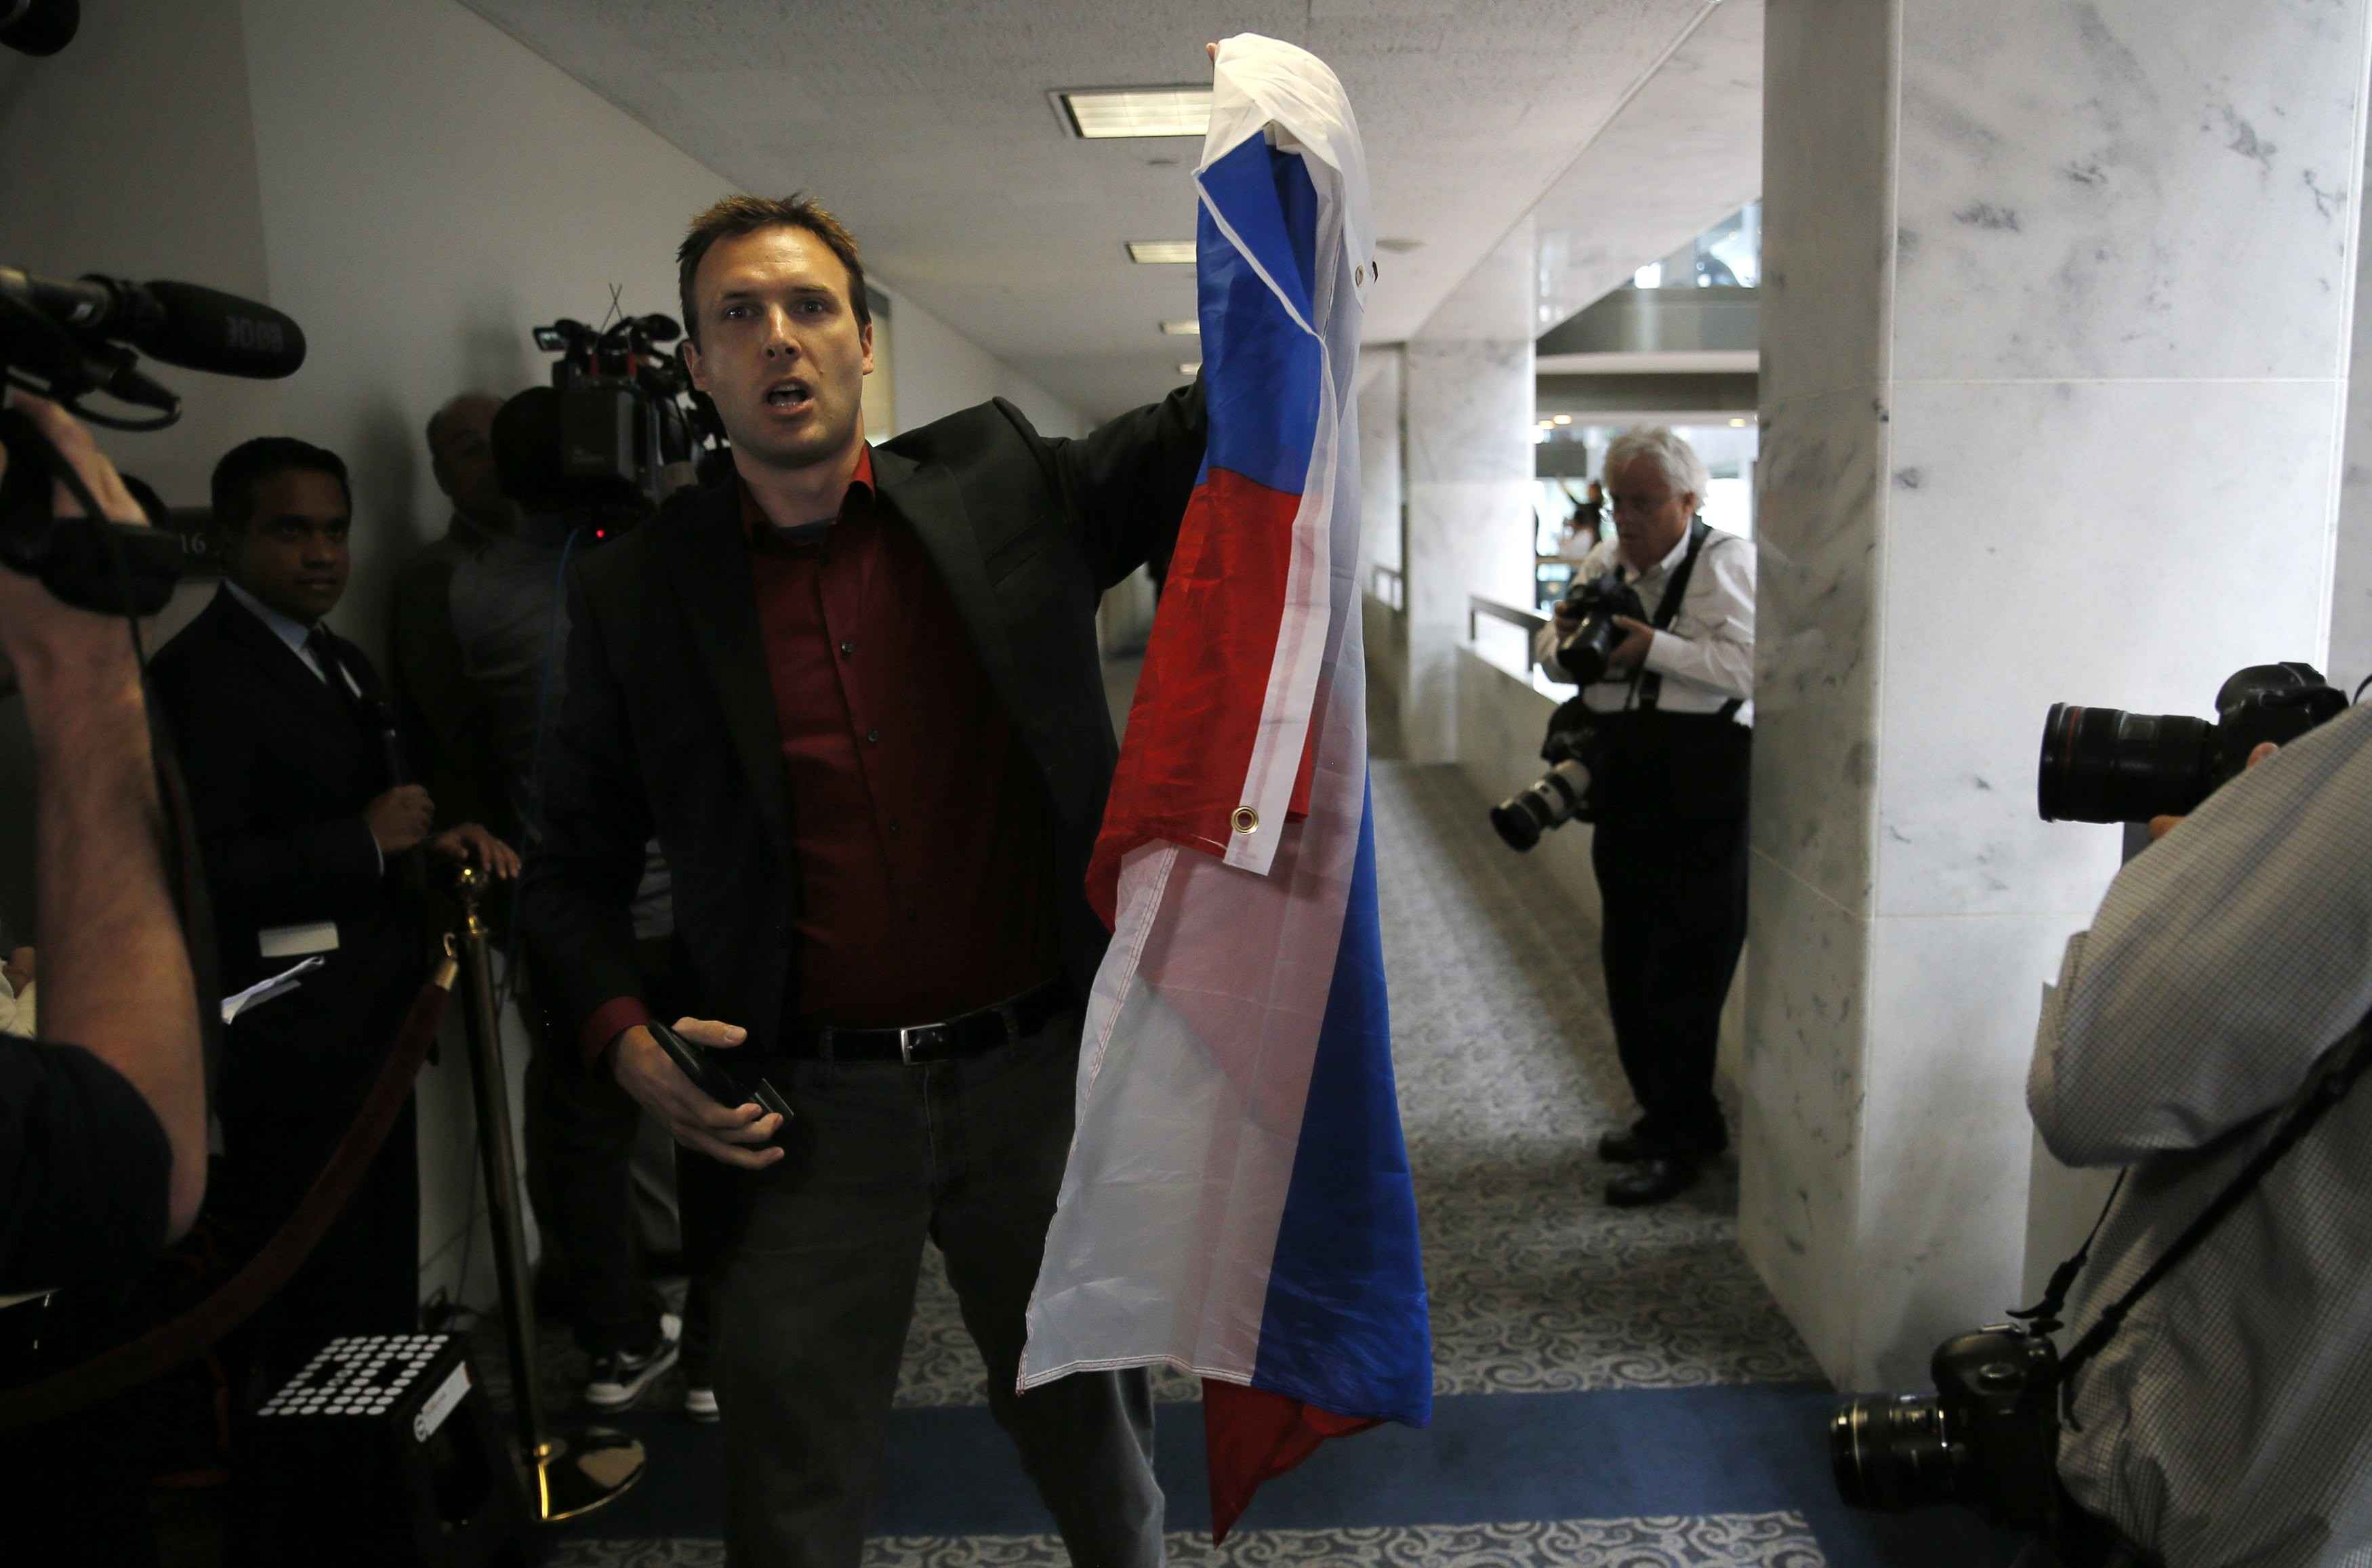 Мужчина, попросивший Джареда Кушнера подписать флаг России. Фото: © REUTERS/Jim Bourg